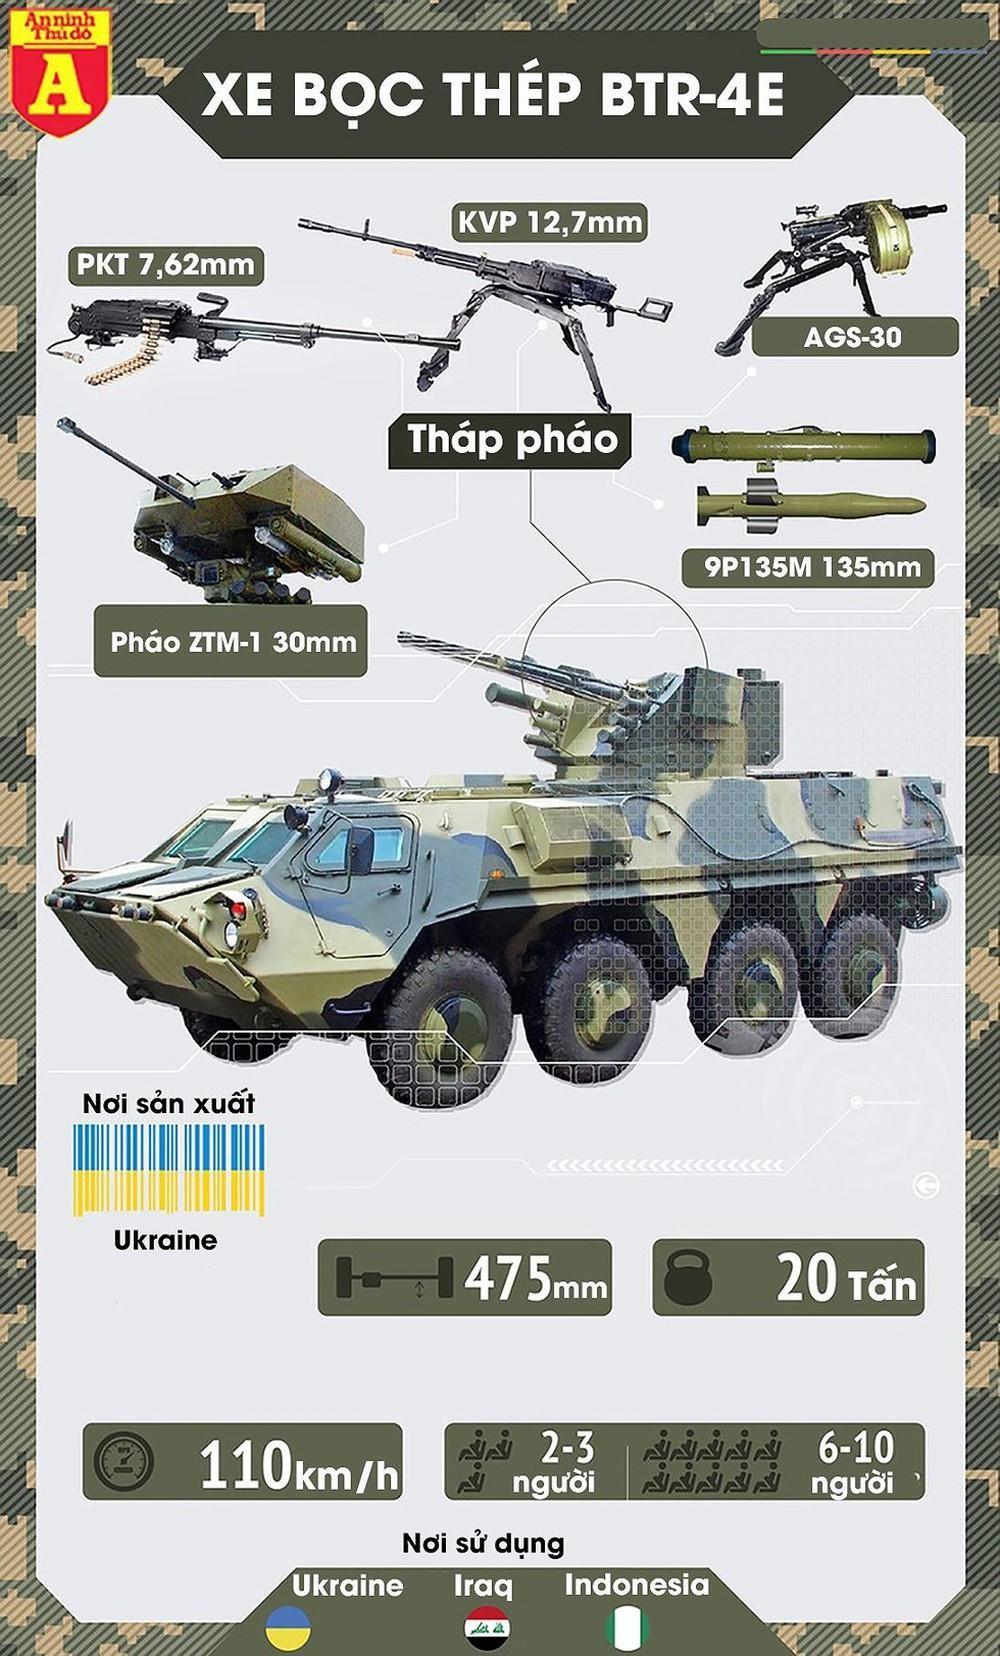 """[Info] Ukraine tăng cường """"cua thép"""" BTR-4E cho thủy quân lục chiến ảnh 3"""